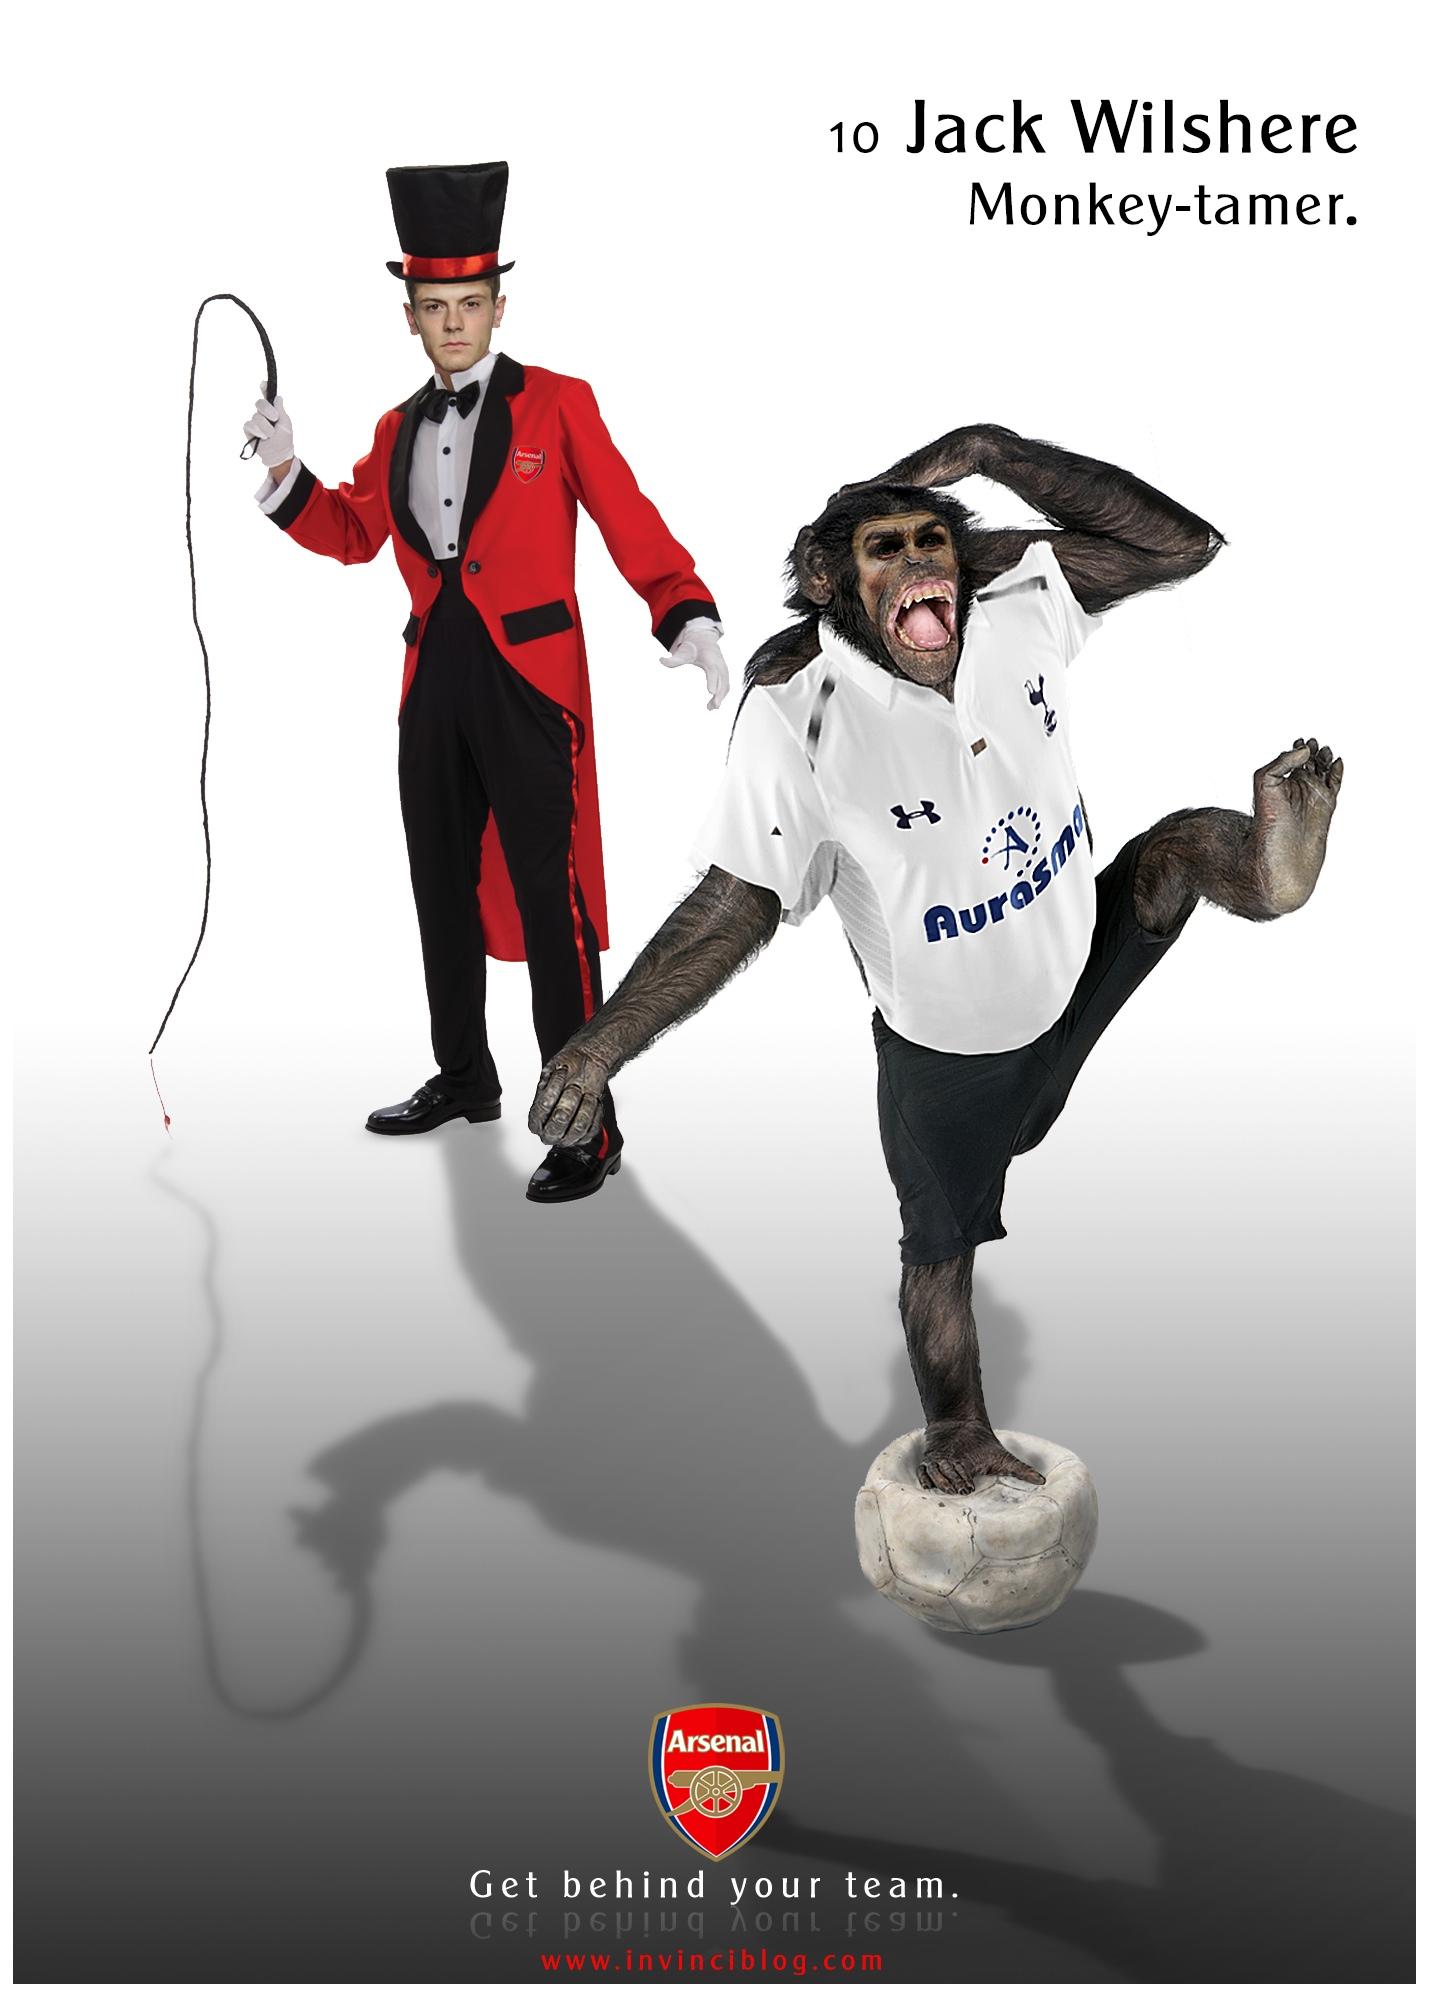 Jack Wilshere – Monkey-tamer.*